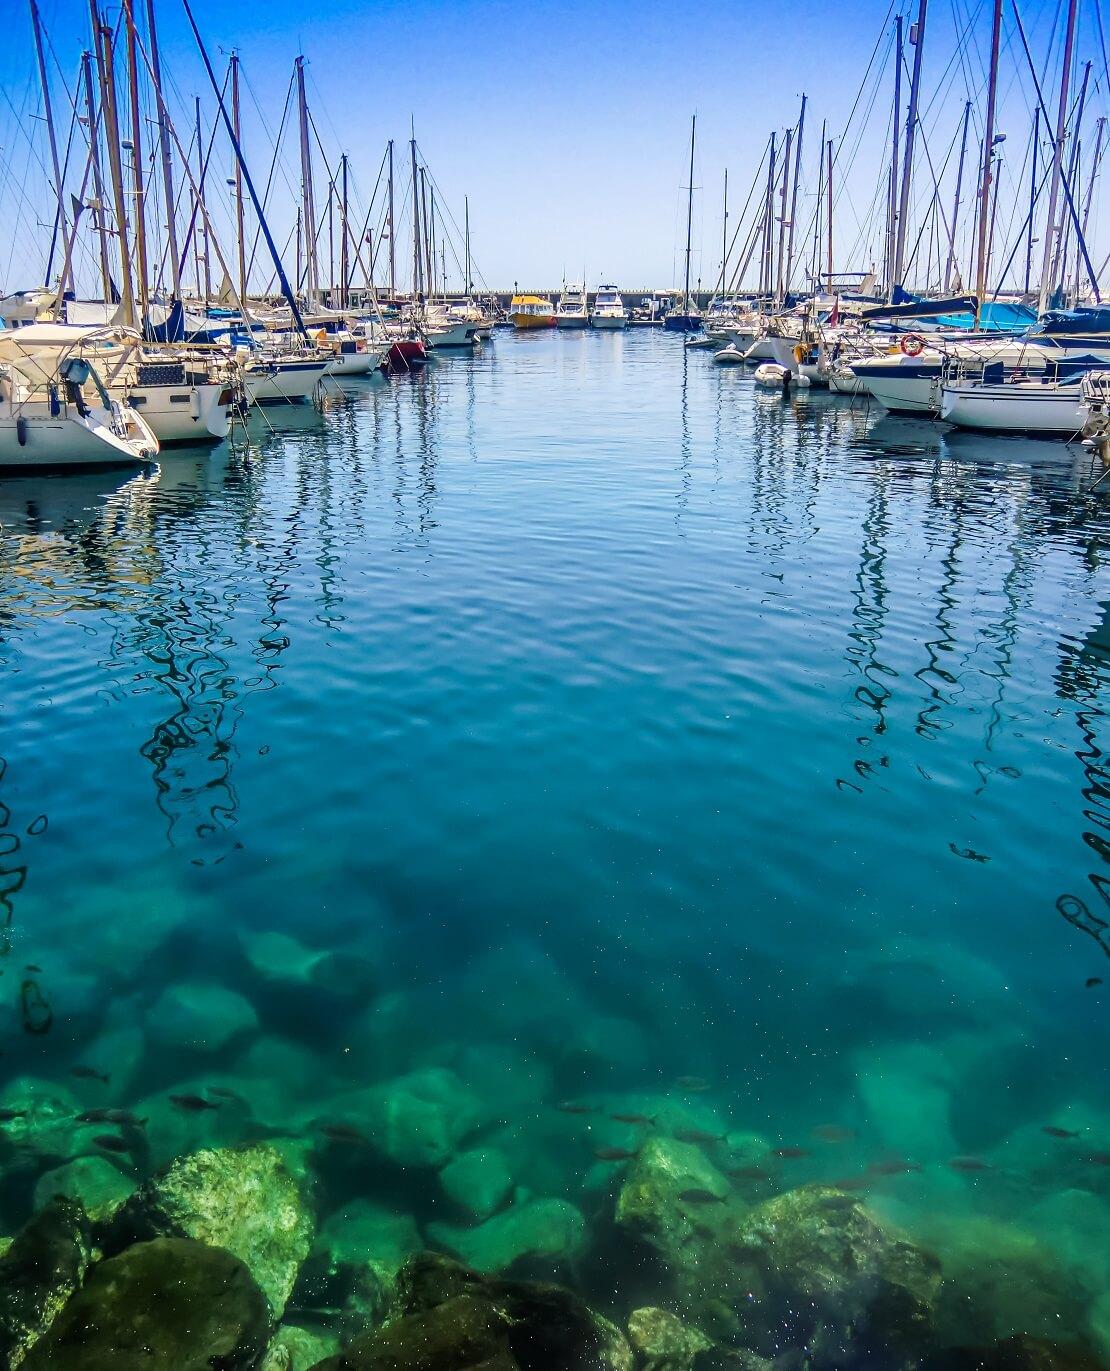 Hafen mit klarem Wasser und Segelbooten